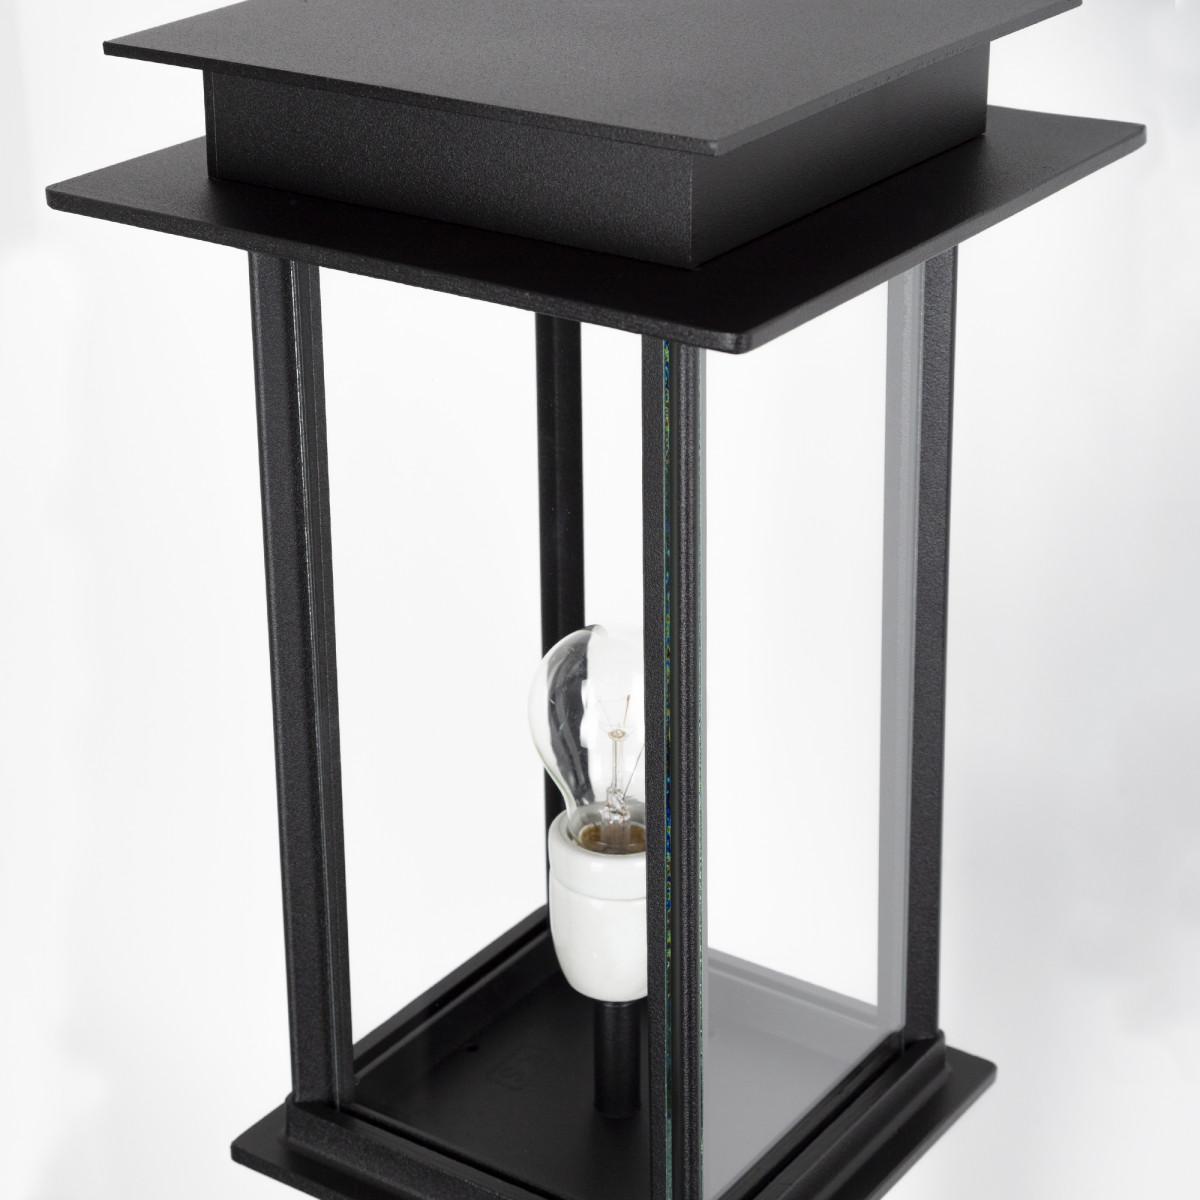 Buitenlamp Praag II sokkel, prachtige strak klassiek tijdloze unieke buitenverlichting op een voet, stijlvol vormgegeven buitenverlichting en tuinverlichting van KS Verlichting, kwaliteitsverlichting handmade